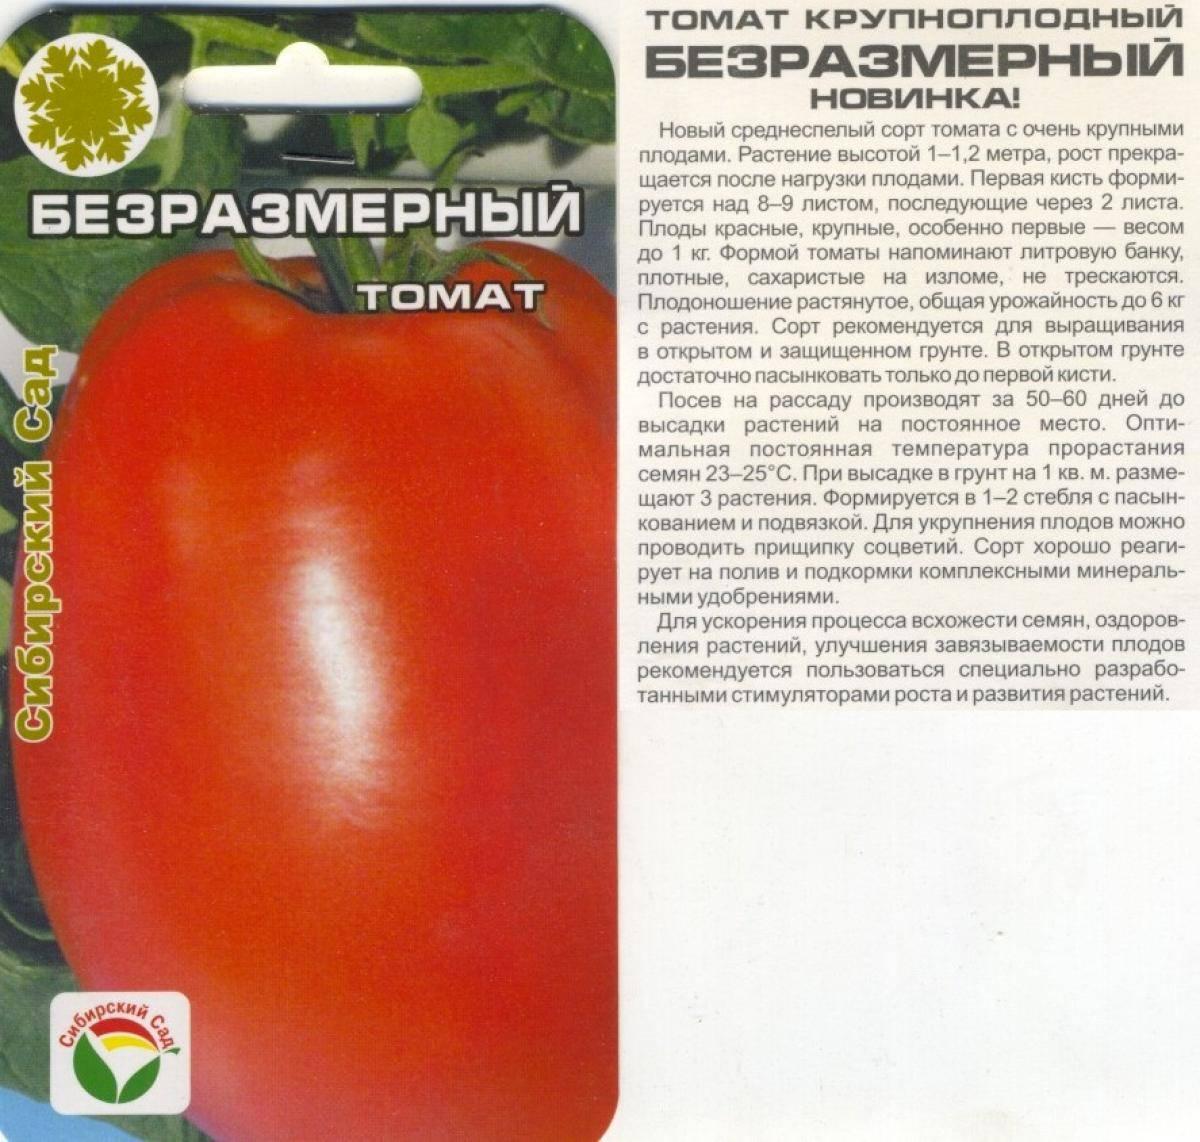 Скороспелые сорта томатов для открытого грунта в сибири (очень хорошие помидоры)